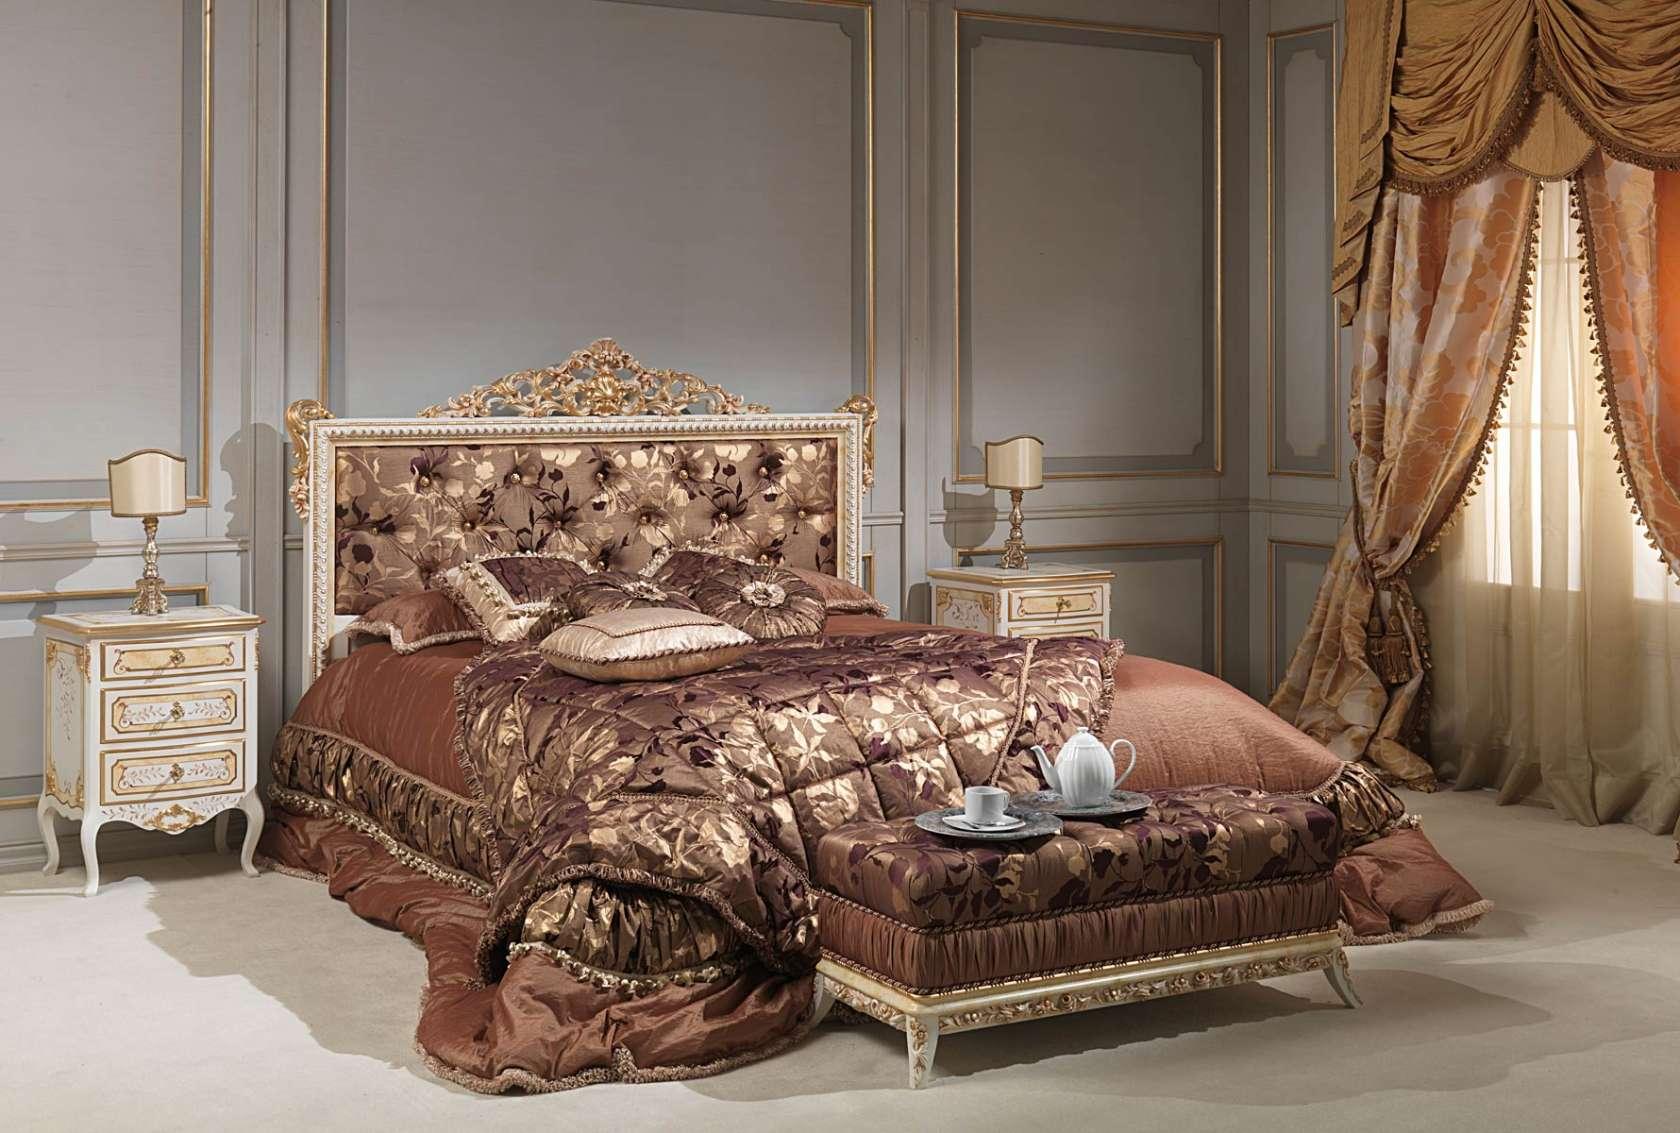 Кровать в стеганой обивке